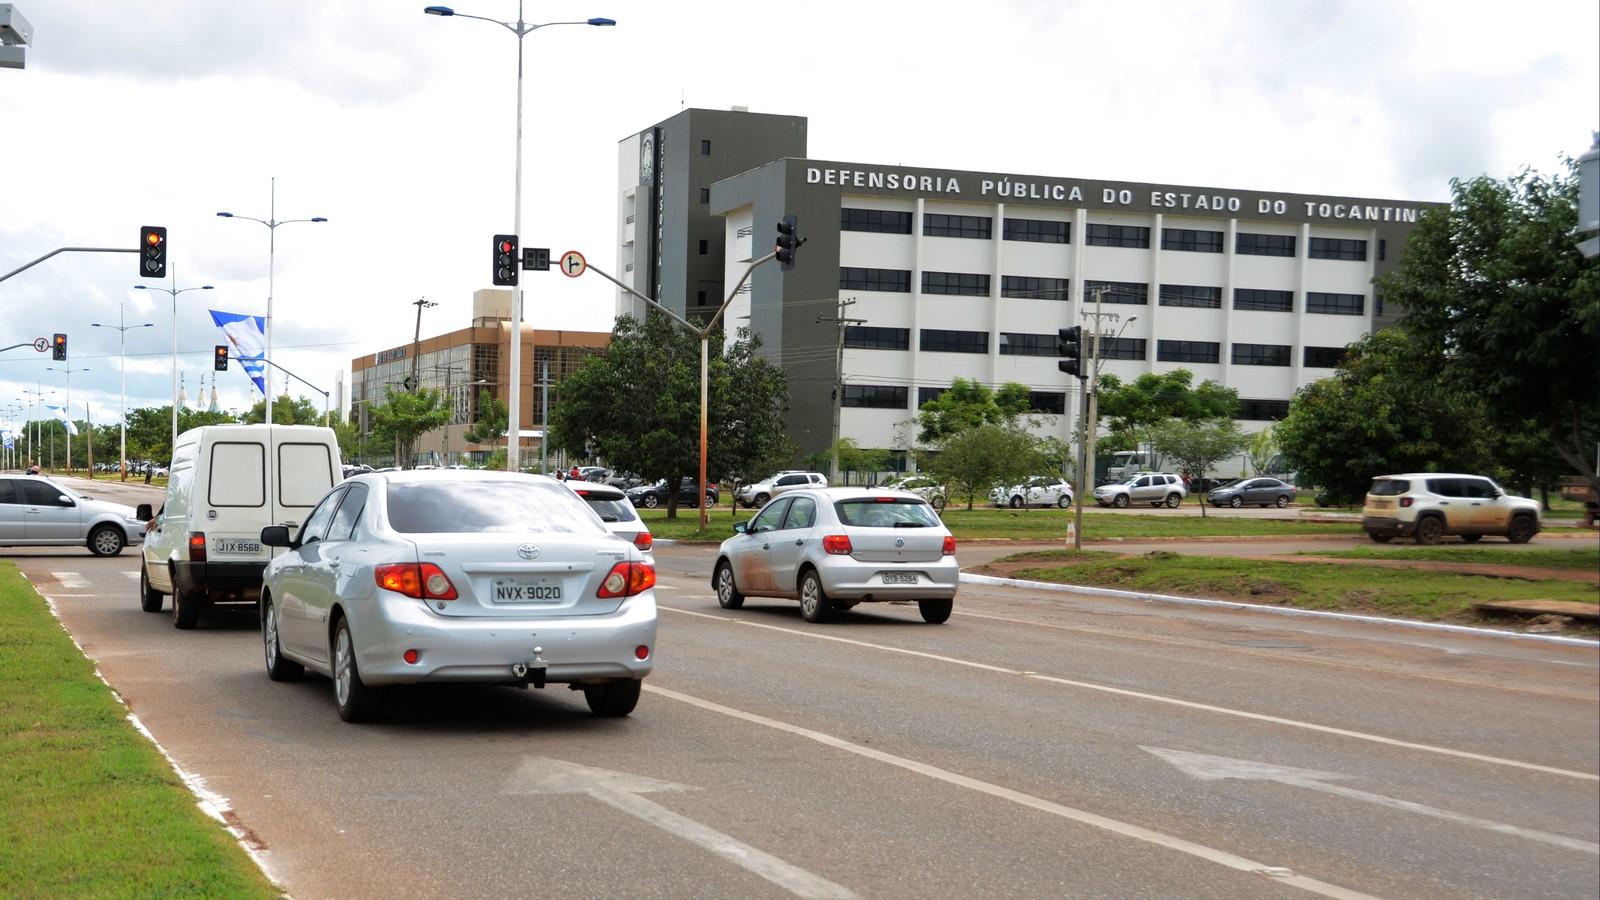 Defensoria Pública requer regularização de materiais no setor de hemodinâmica